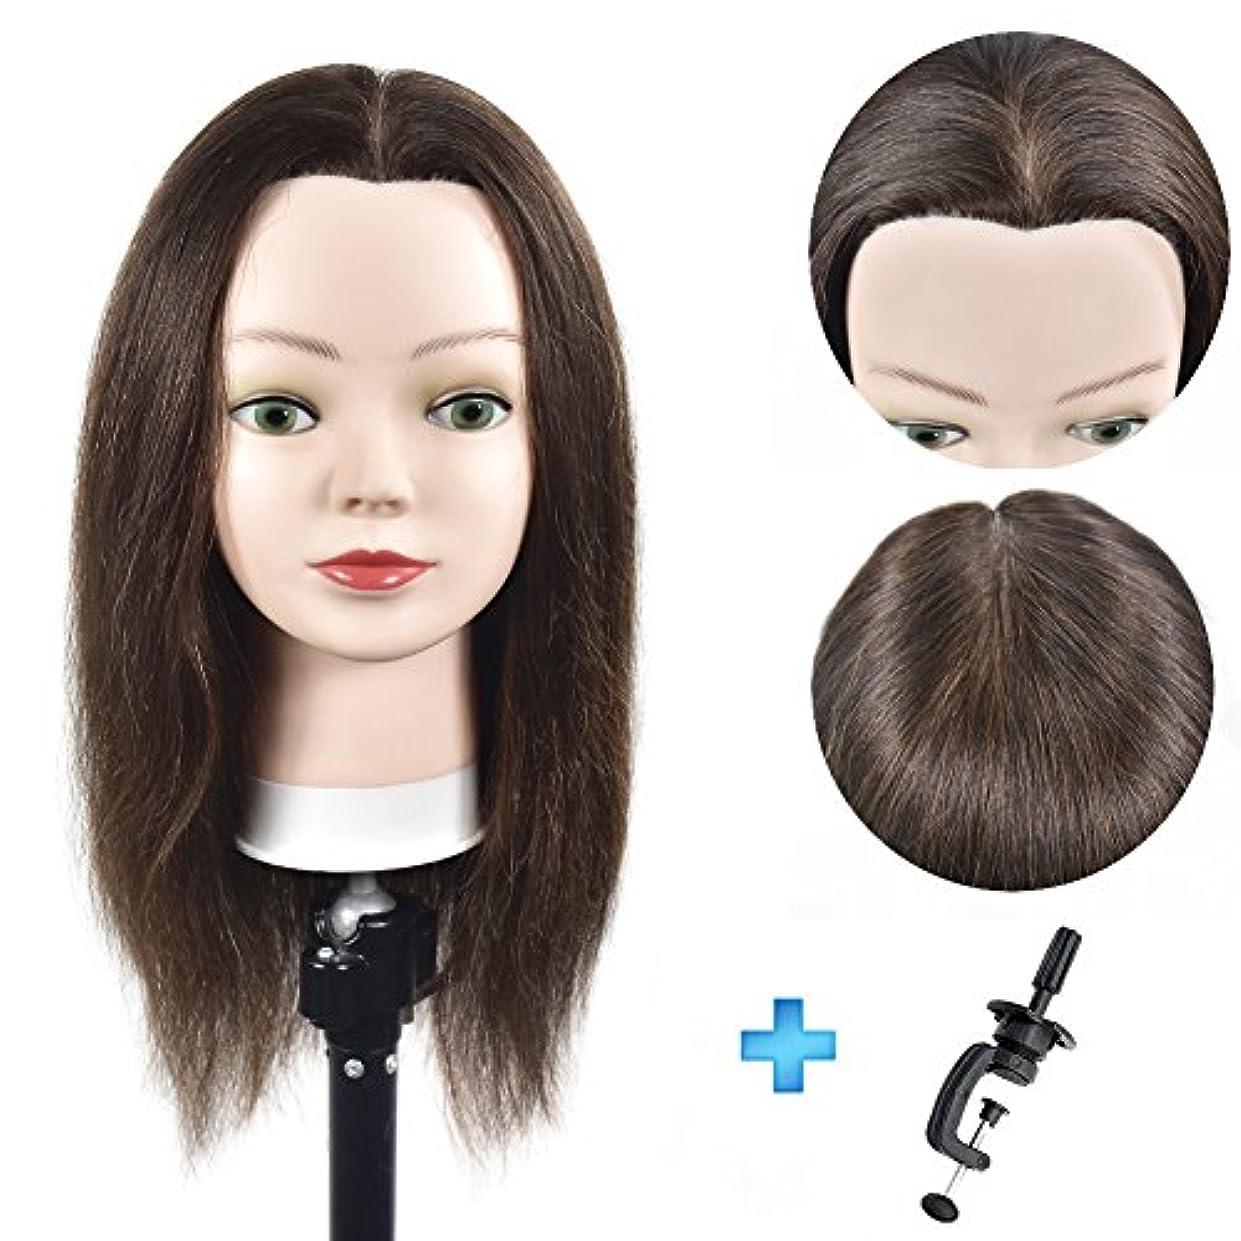 ロッドビール理論16インチマネキンヘッド100%人間の髪の美容師のトレーニングヘッドマネキン美容師の人形ヘッド(テーブルクランプスタンドが含まれています)